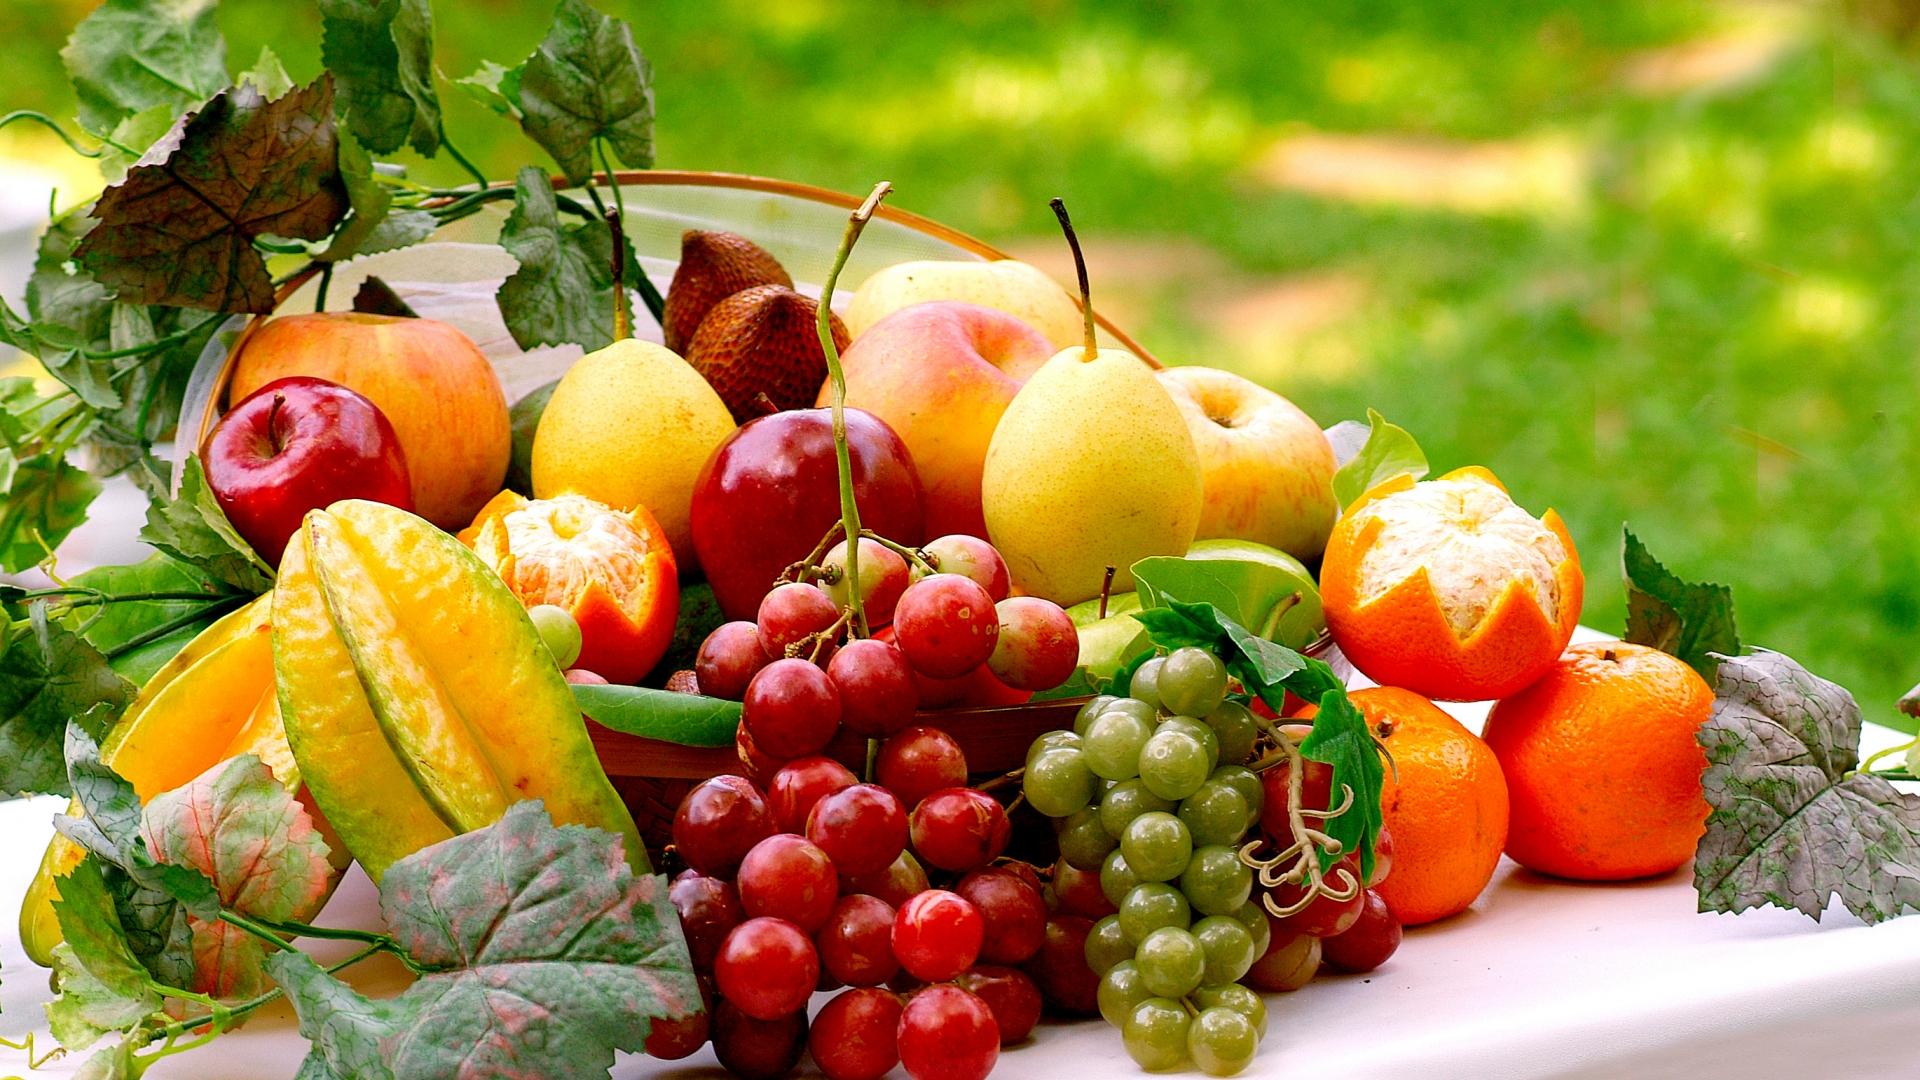 ทายนิสัย จากผลไม้ที่เราชอบทาน